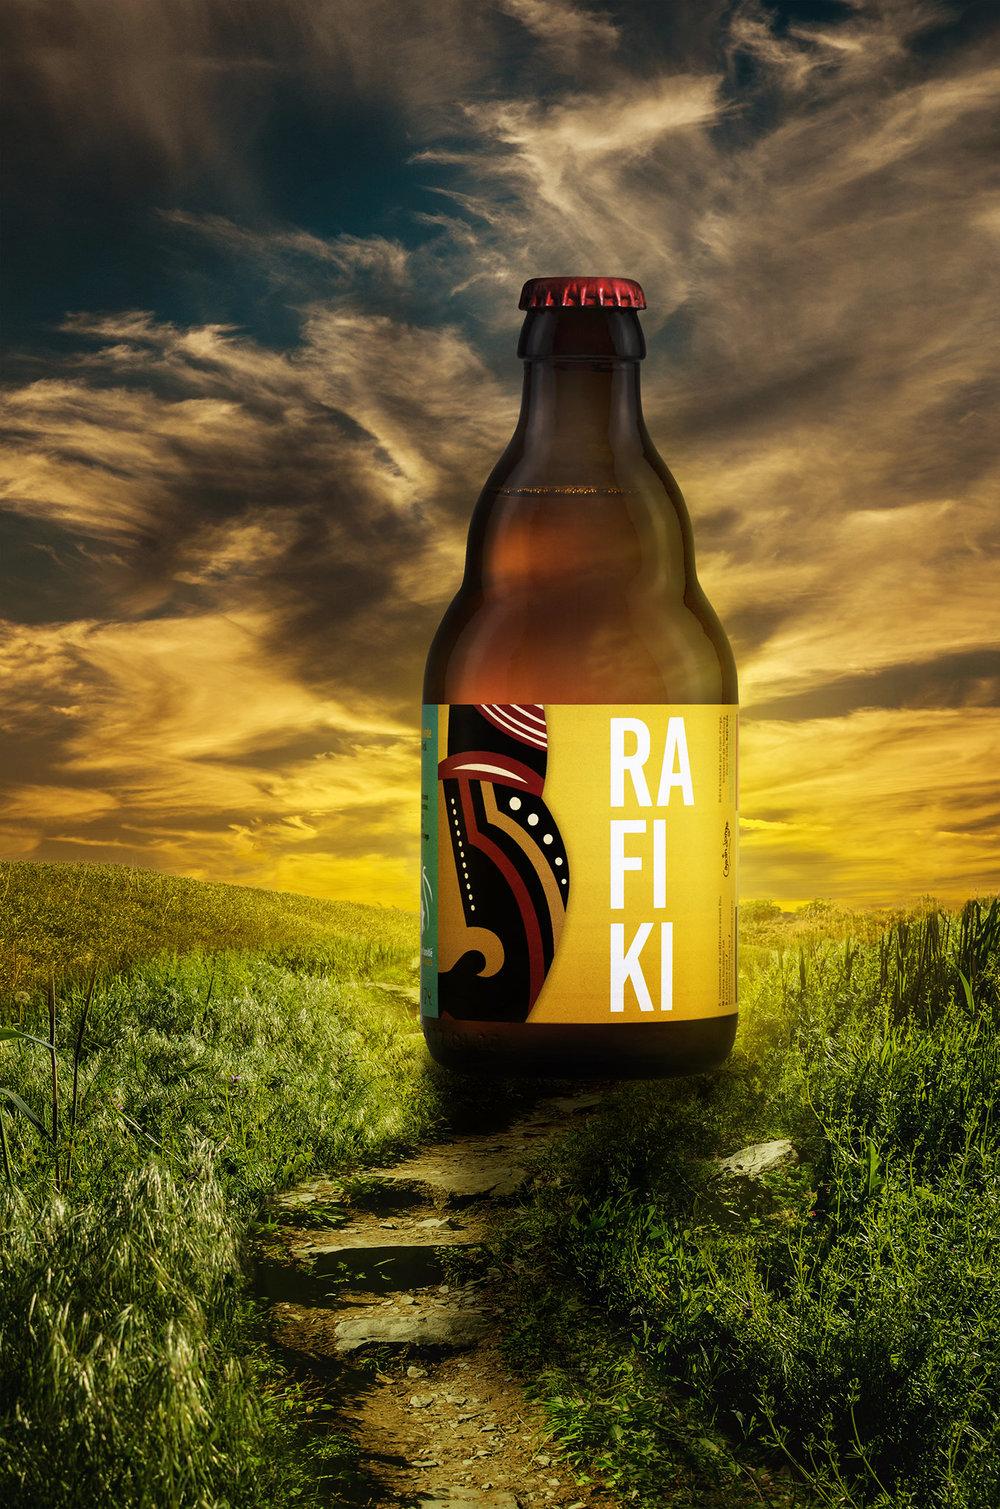 biere-rafiki-tom-barbier-photographe-alimentaire-boisson-publicite-liege-belgique.jpg